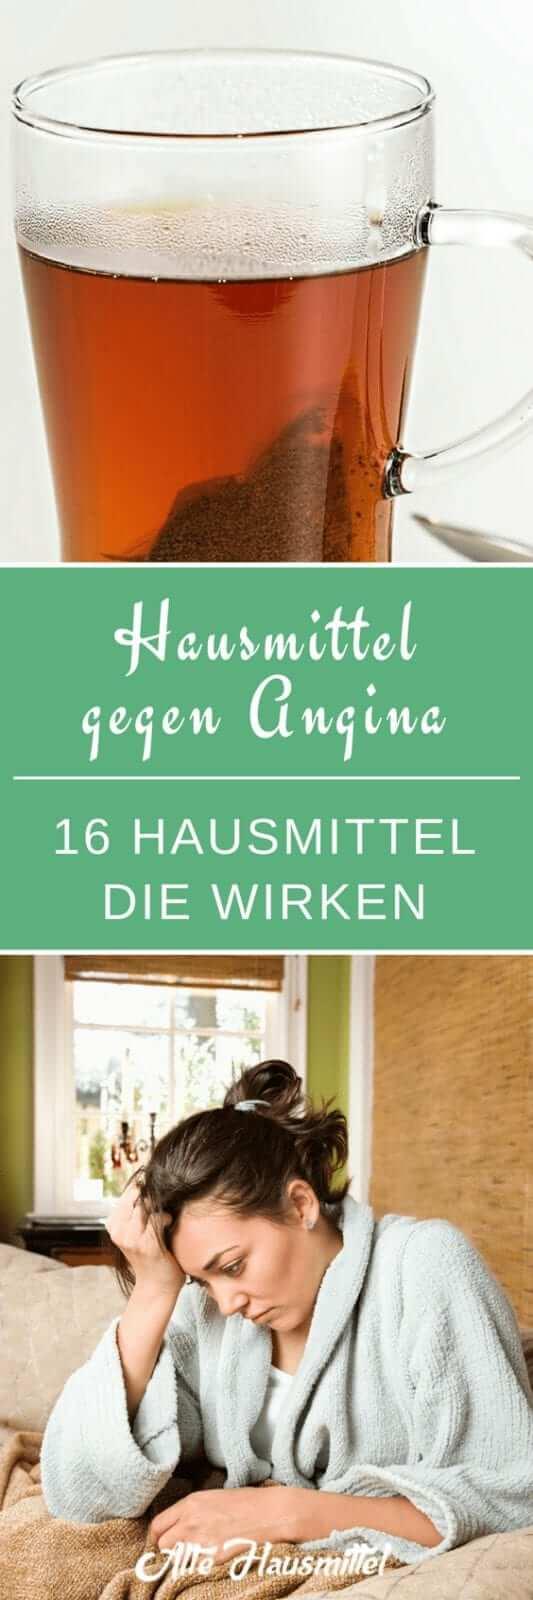 Hausmittel gegen Angina -  16 Hausmittel die wirken